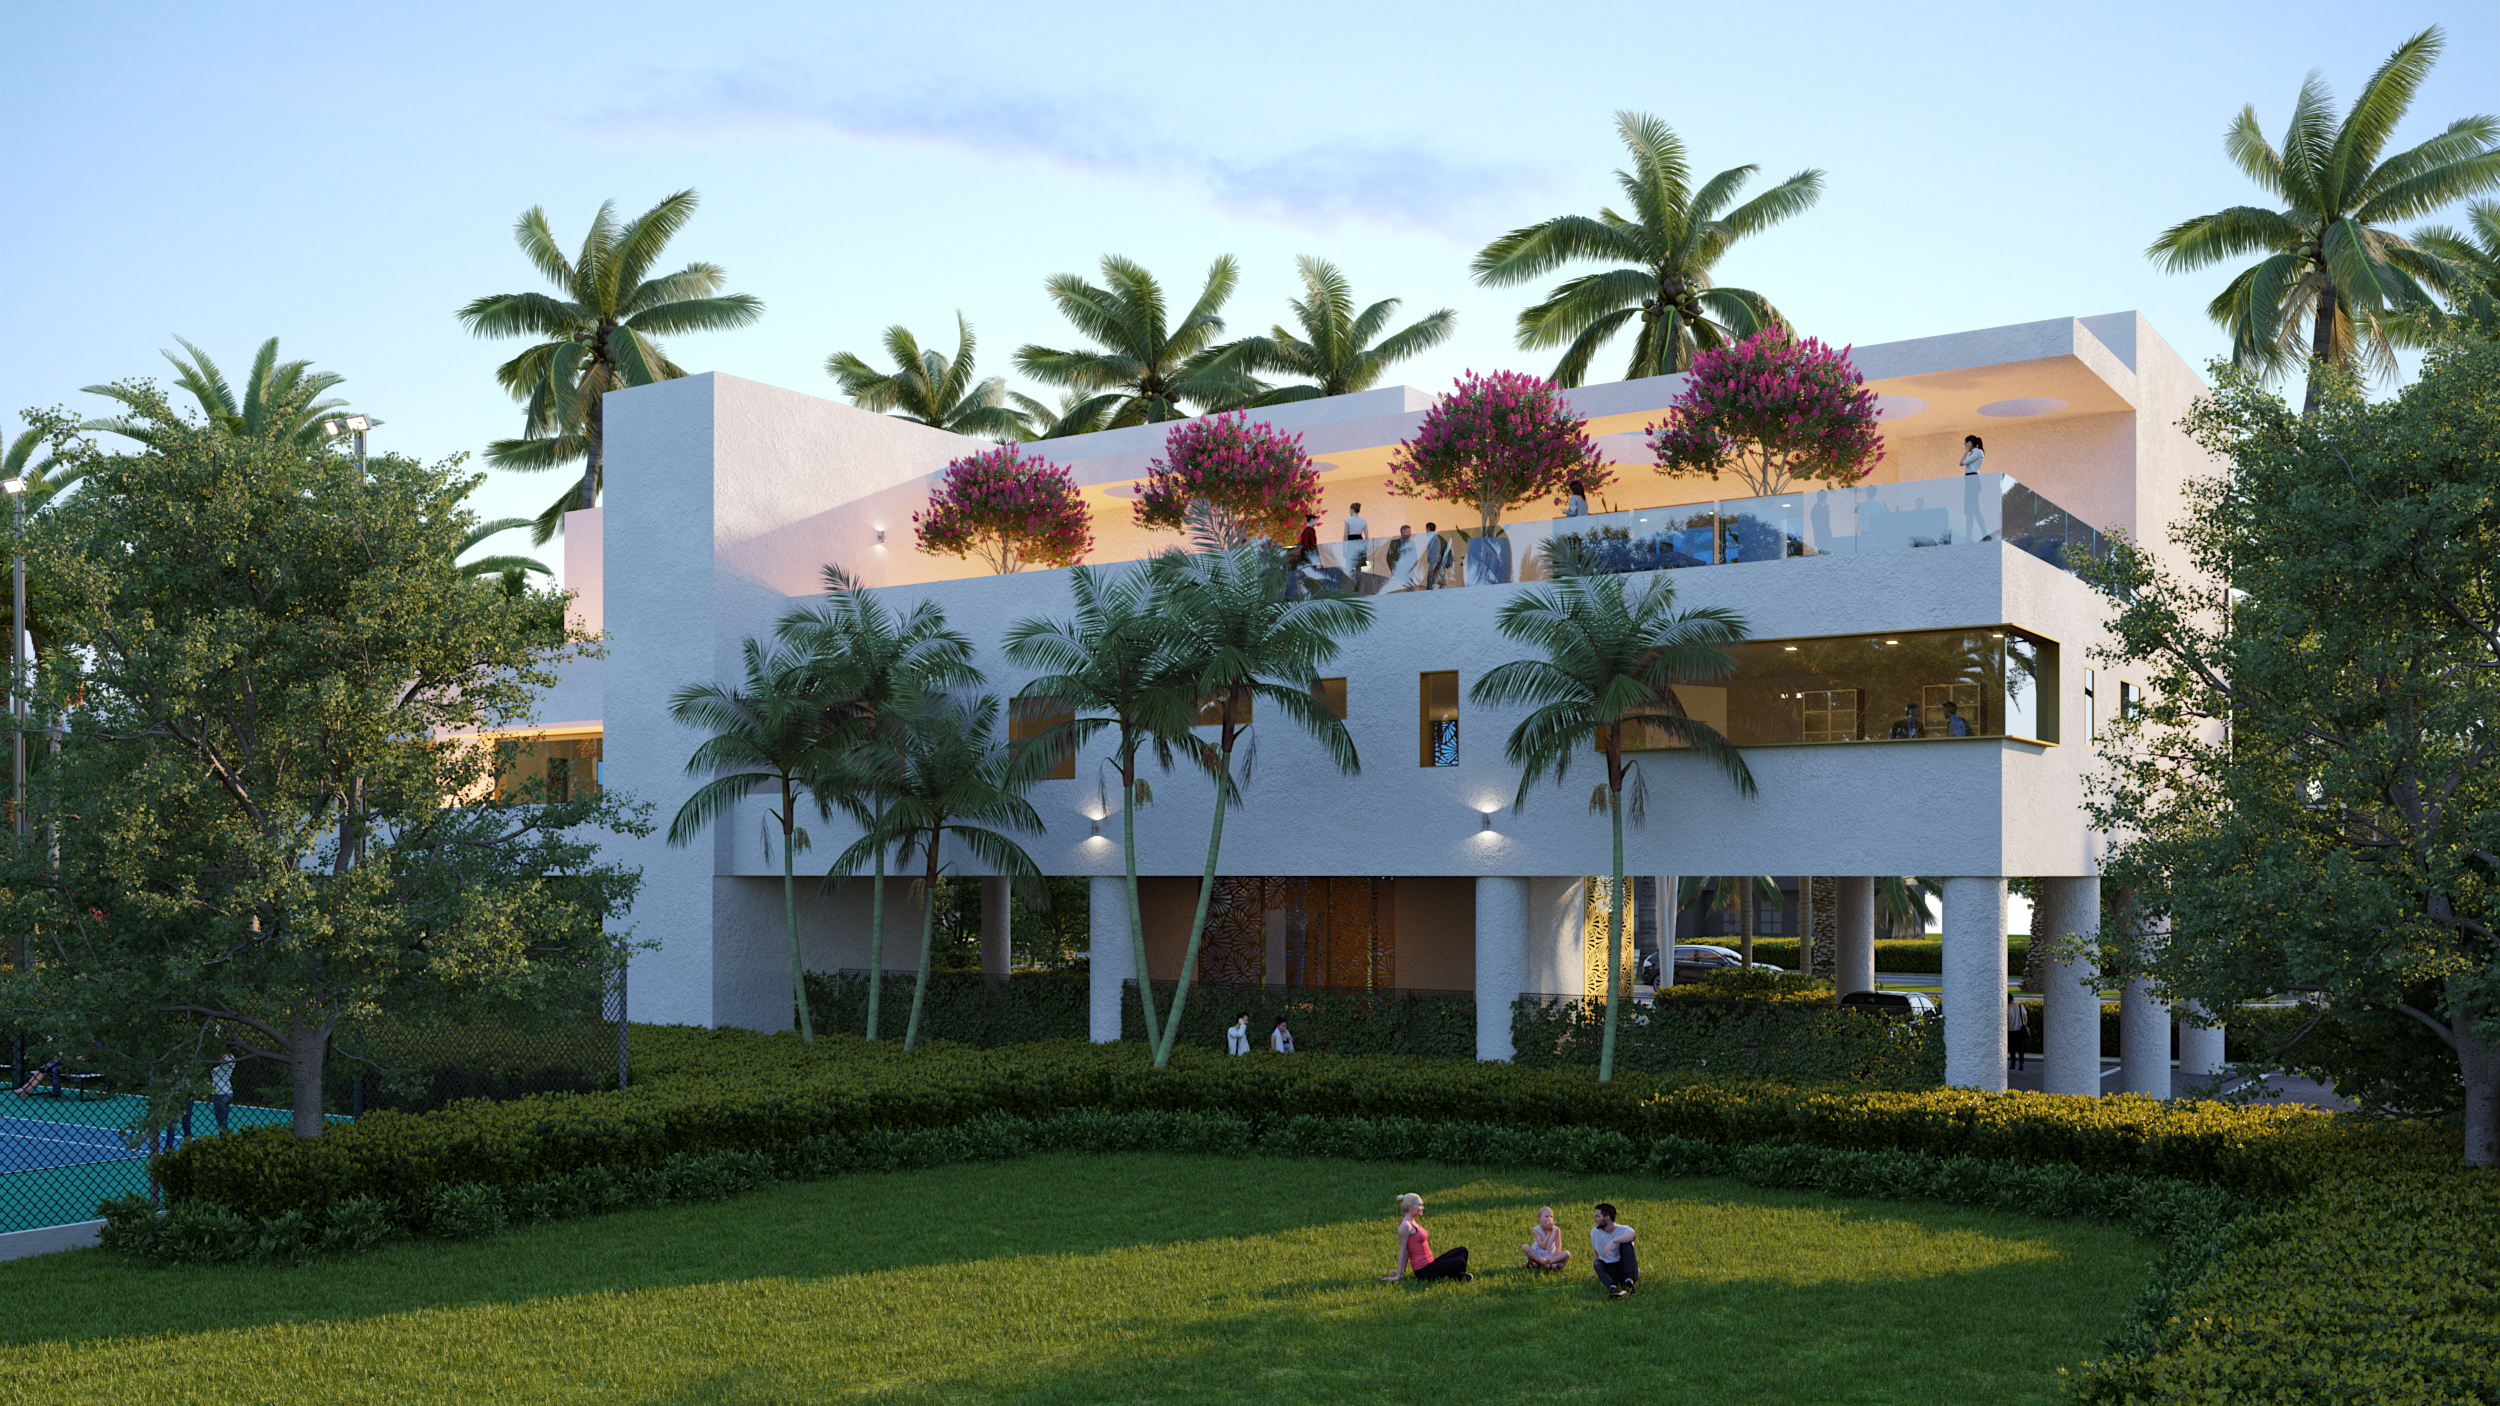 Golden Beach Civic Center